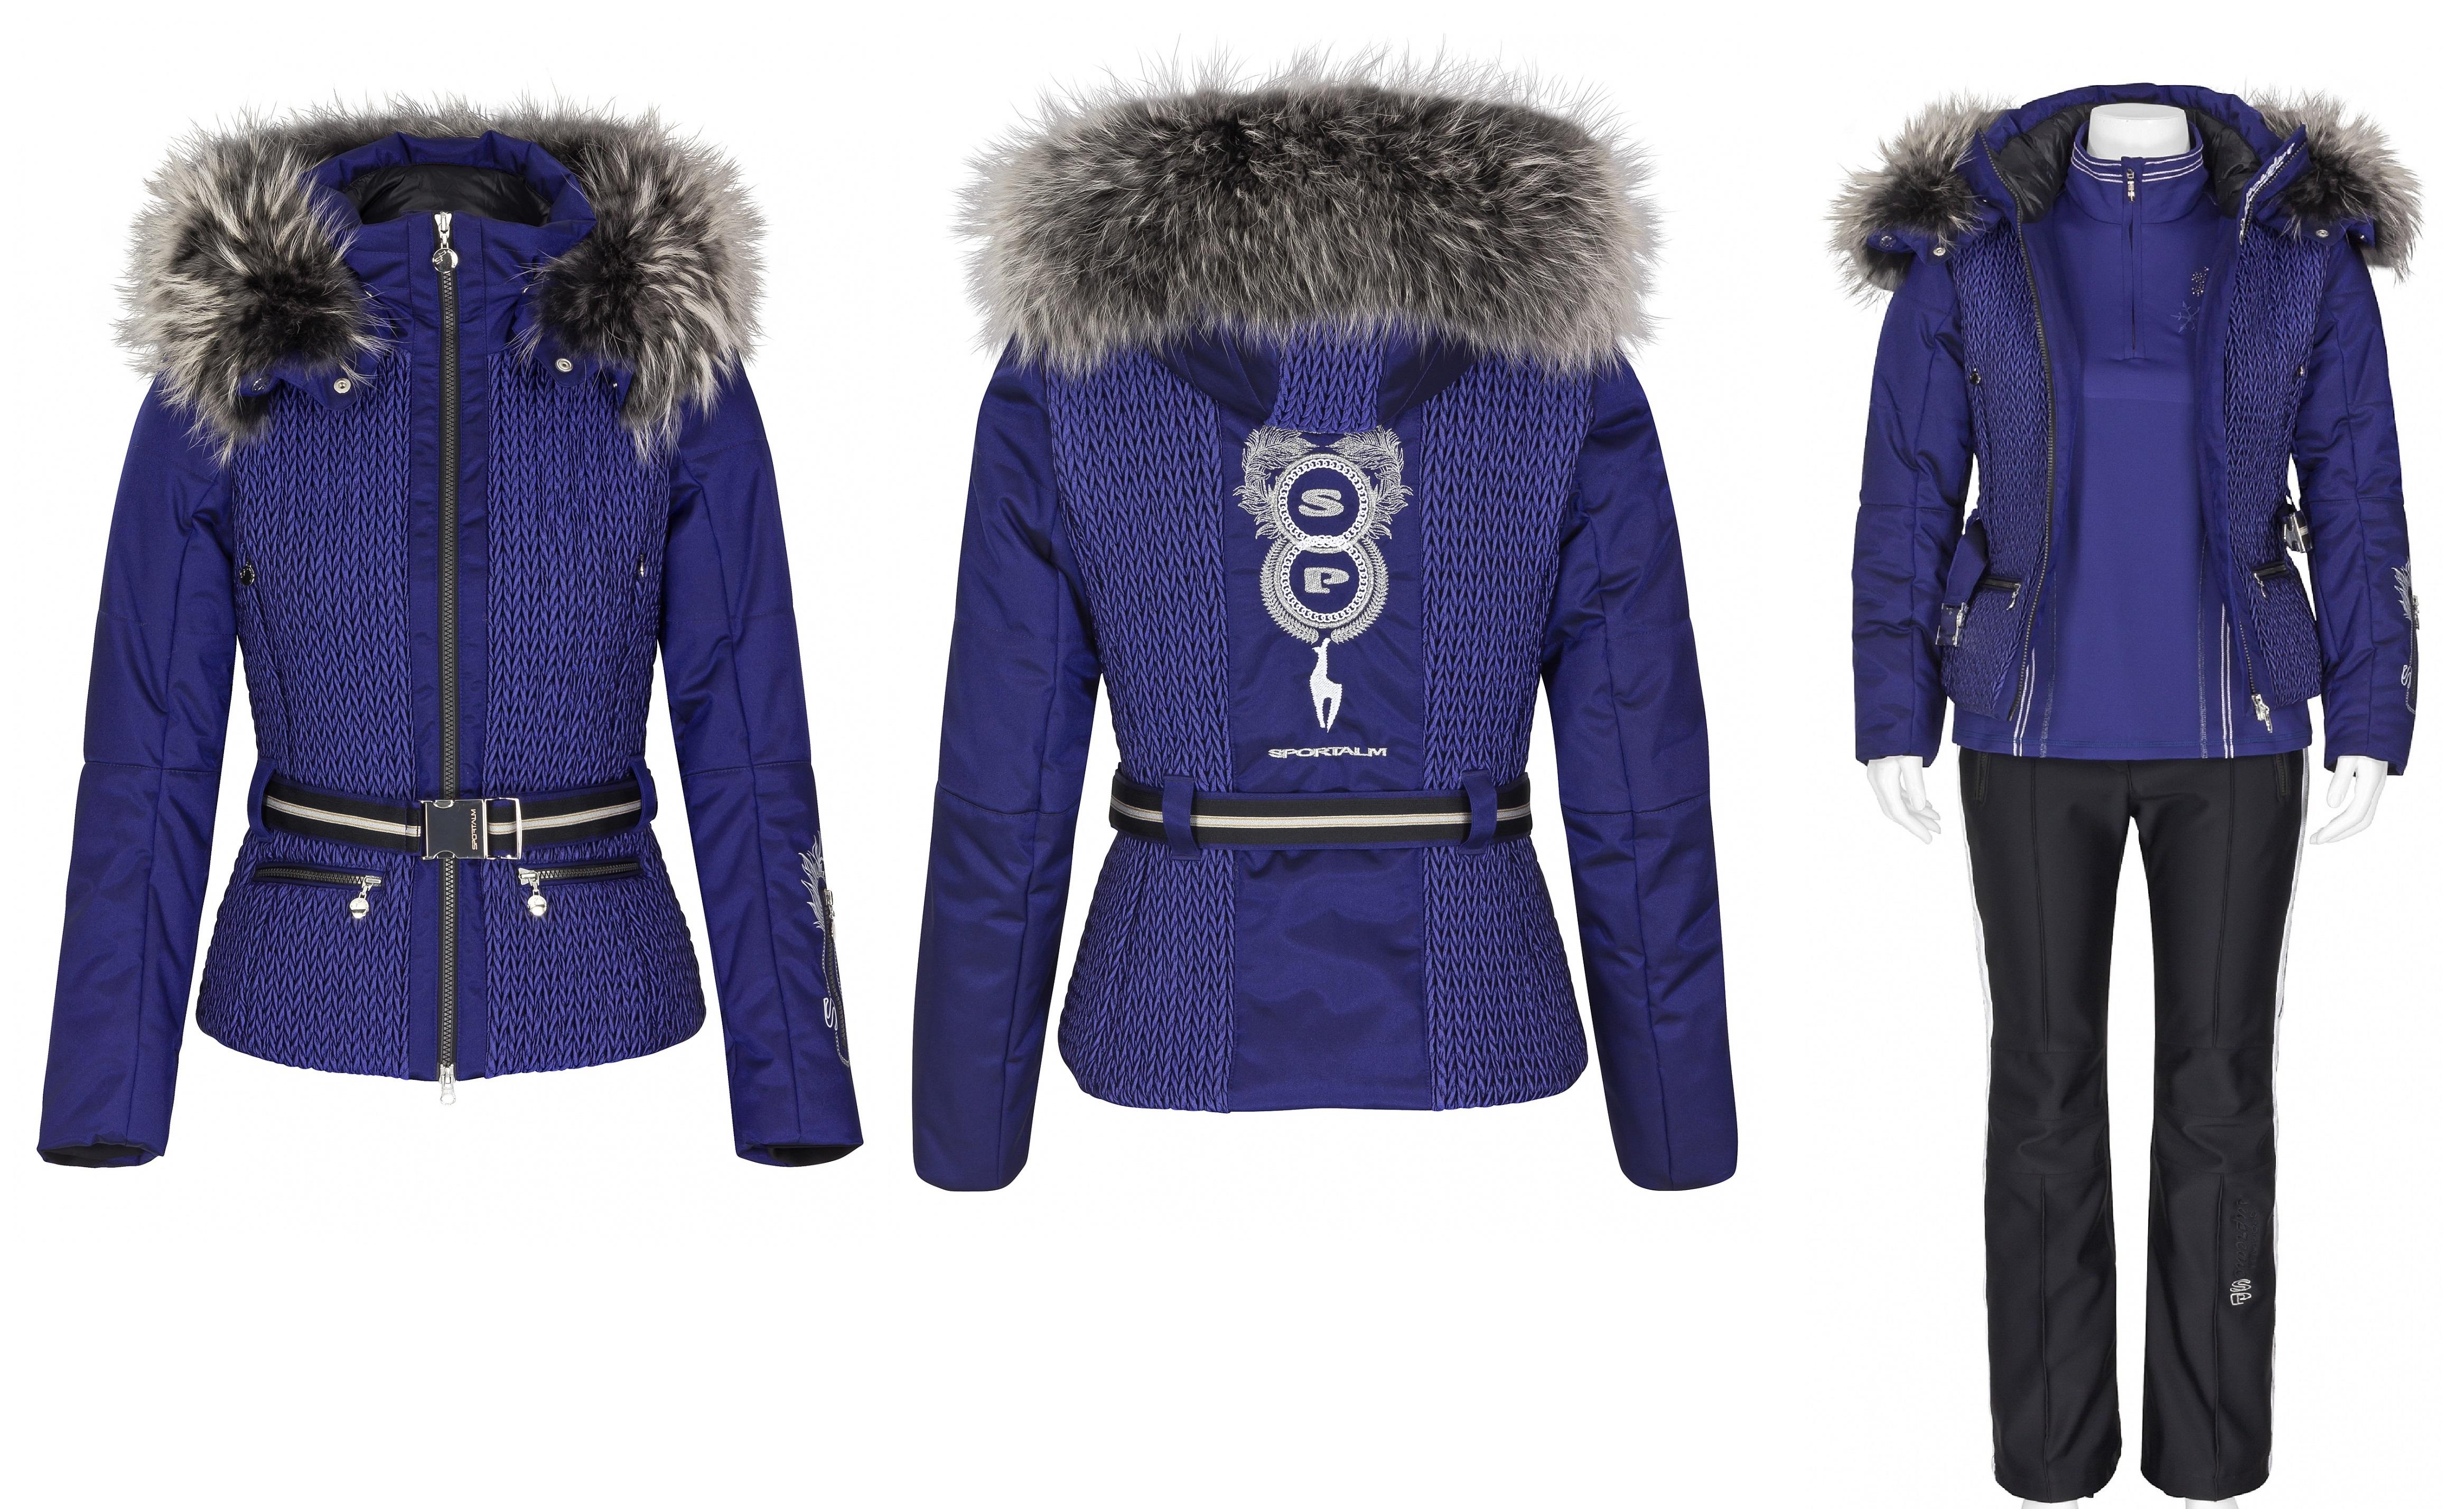 ac30fa1c529e Оригинальные горнолыжные костюмы